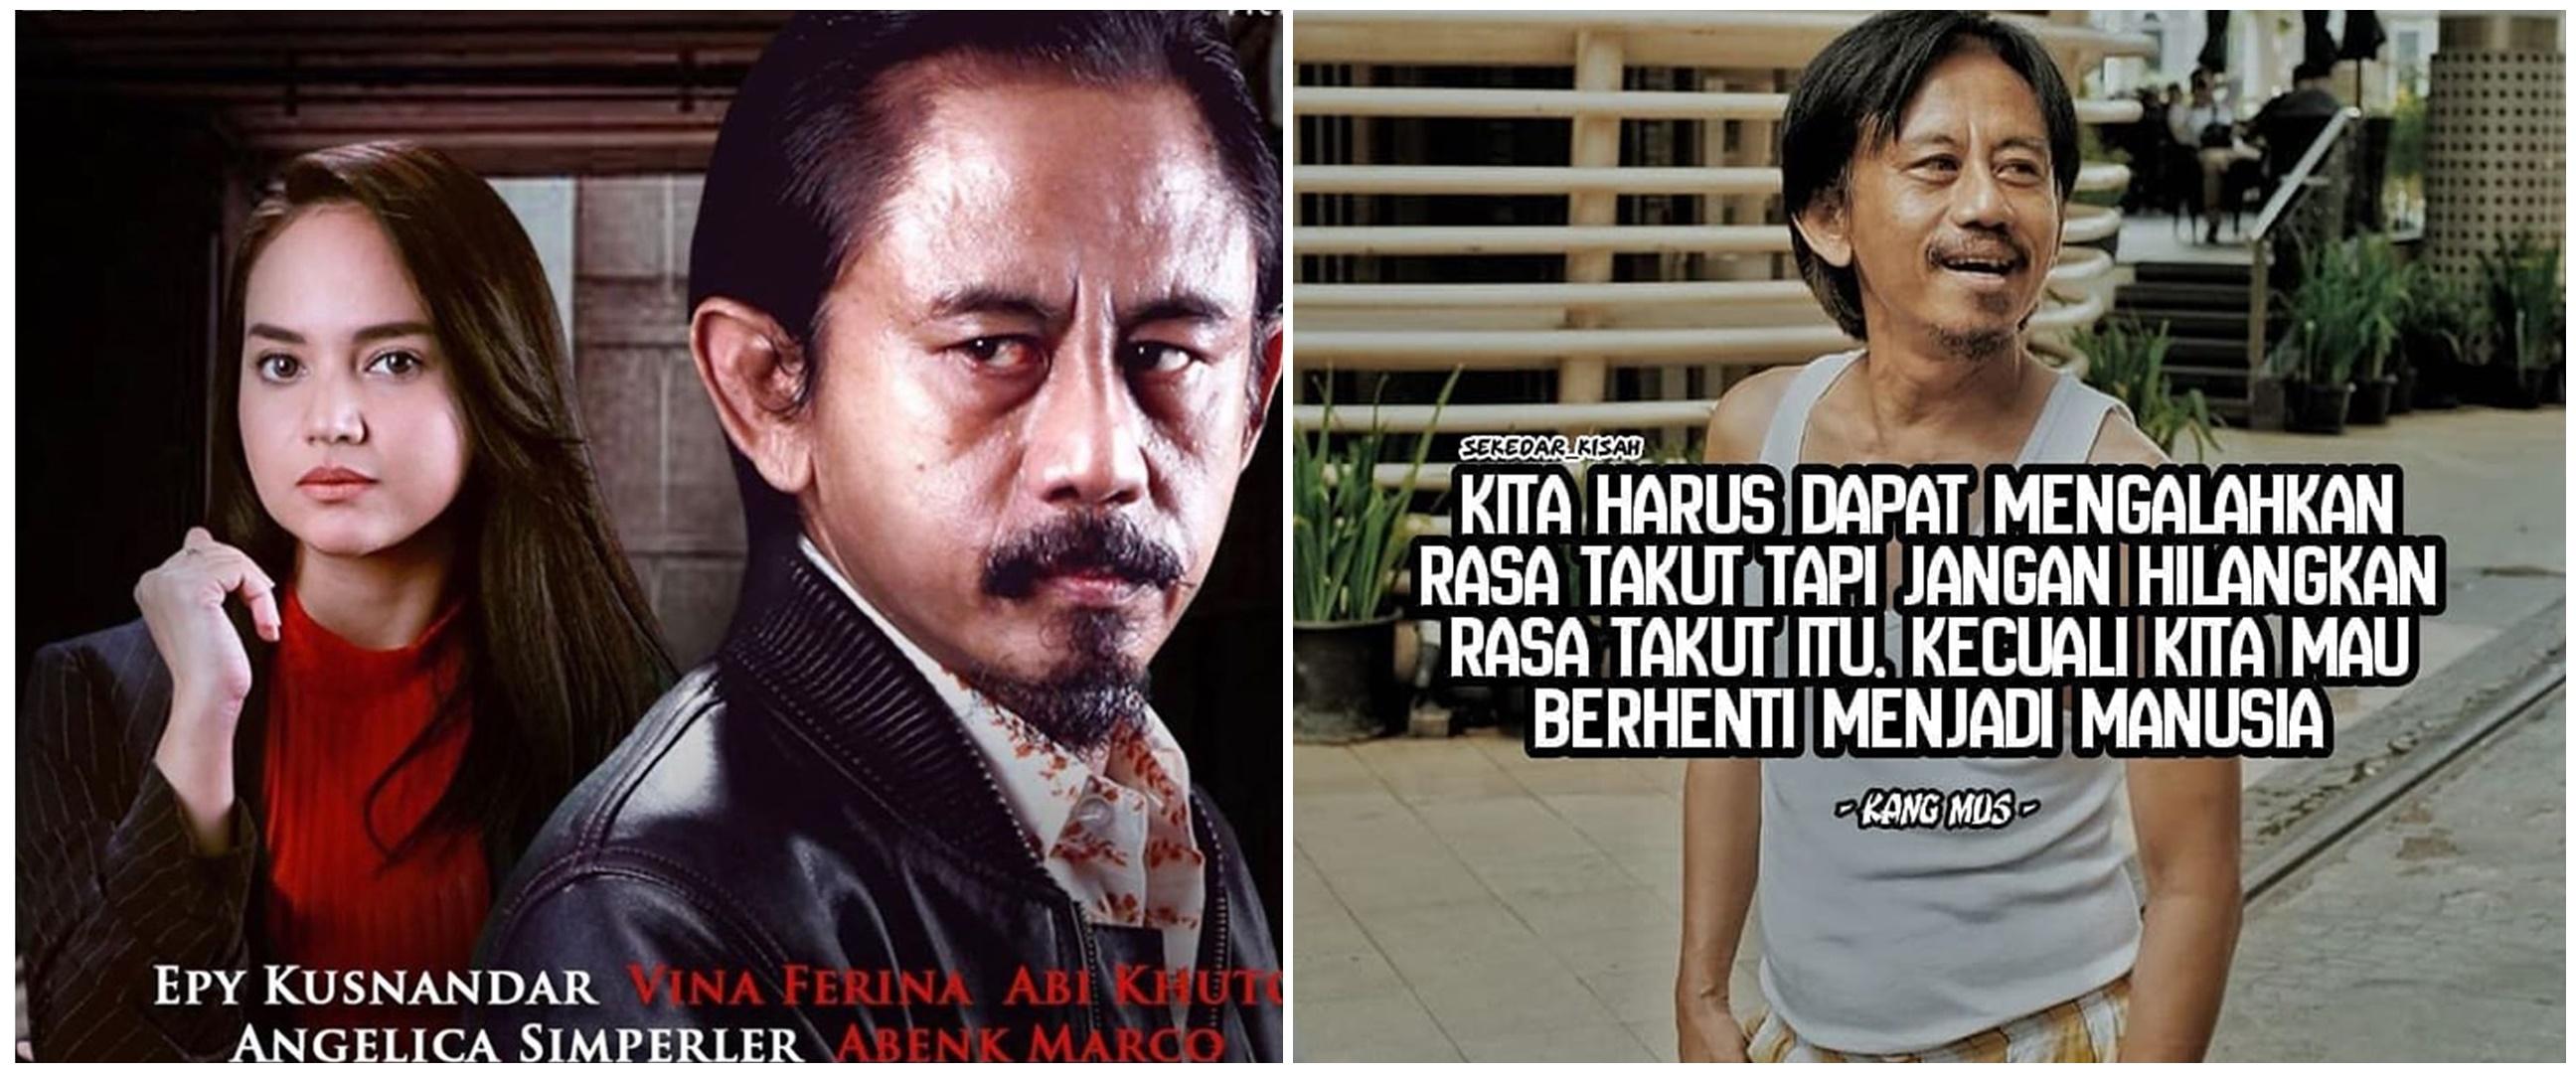 35 Kata-kata quote bijak Epy Kusnandar 'Kang Mus' Preman Pensiun